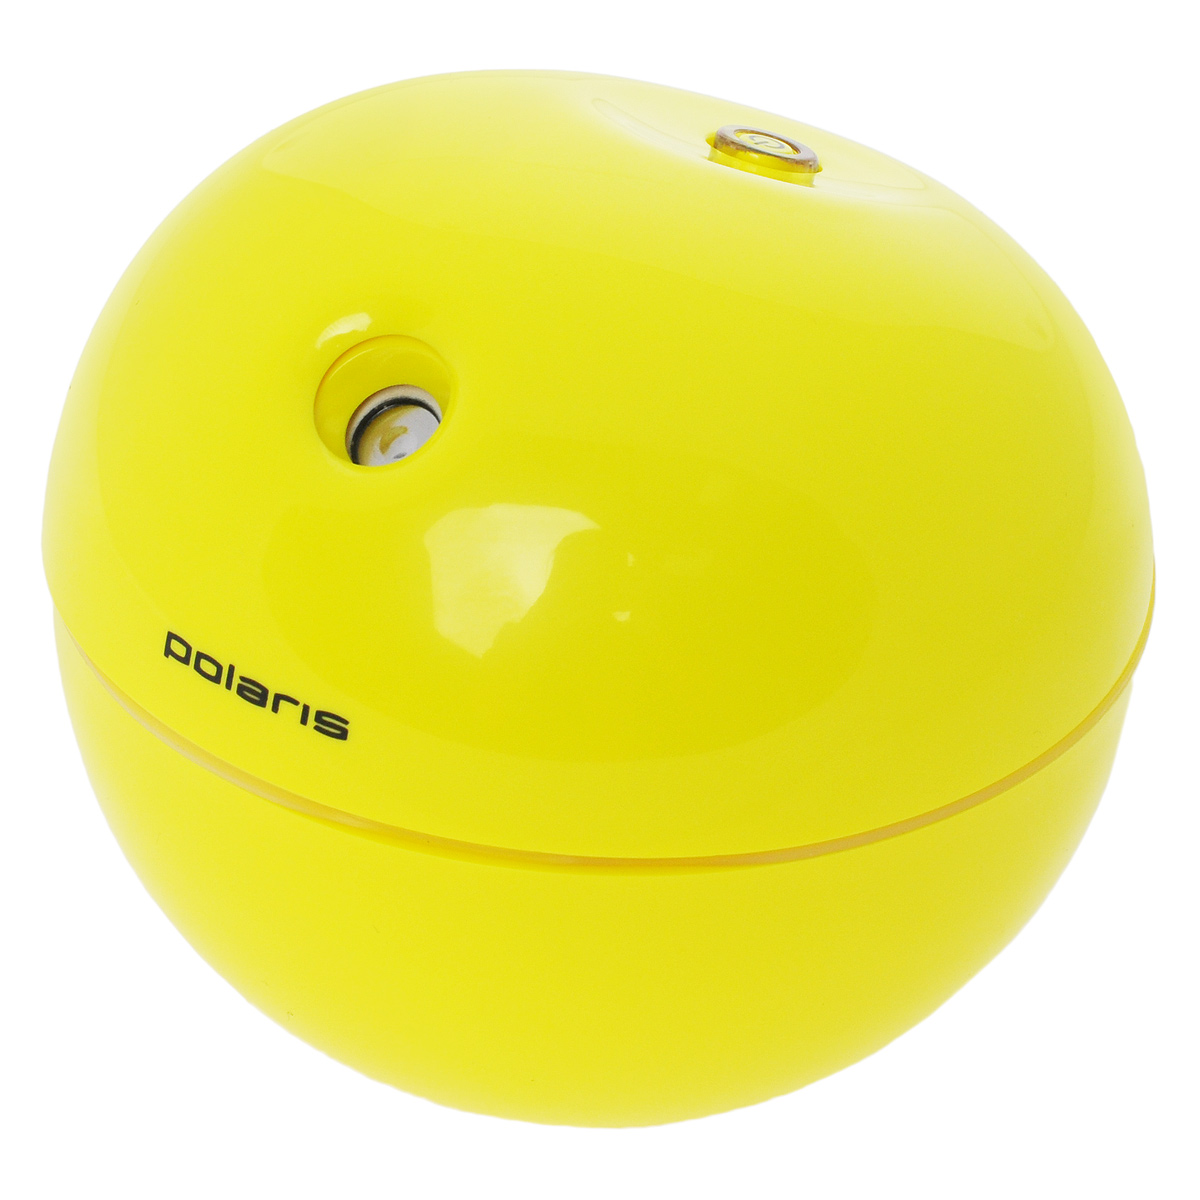 Polaris PUH 3102 Apple, Yellow увлажнитель воздуха ультразвуковой увлажнитель воздуха endever 200 oasis